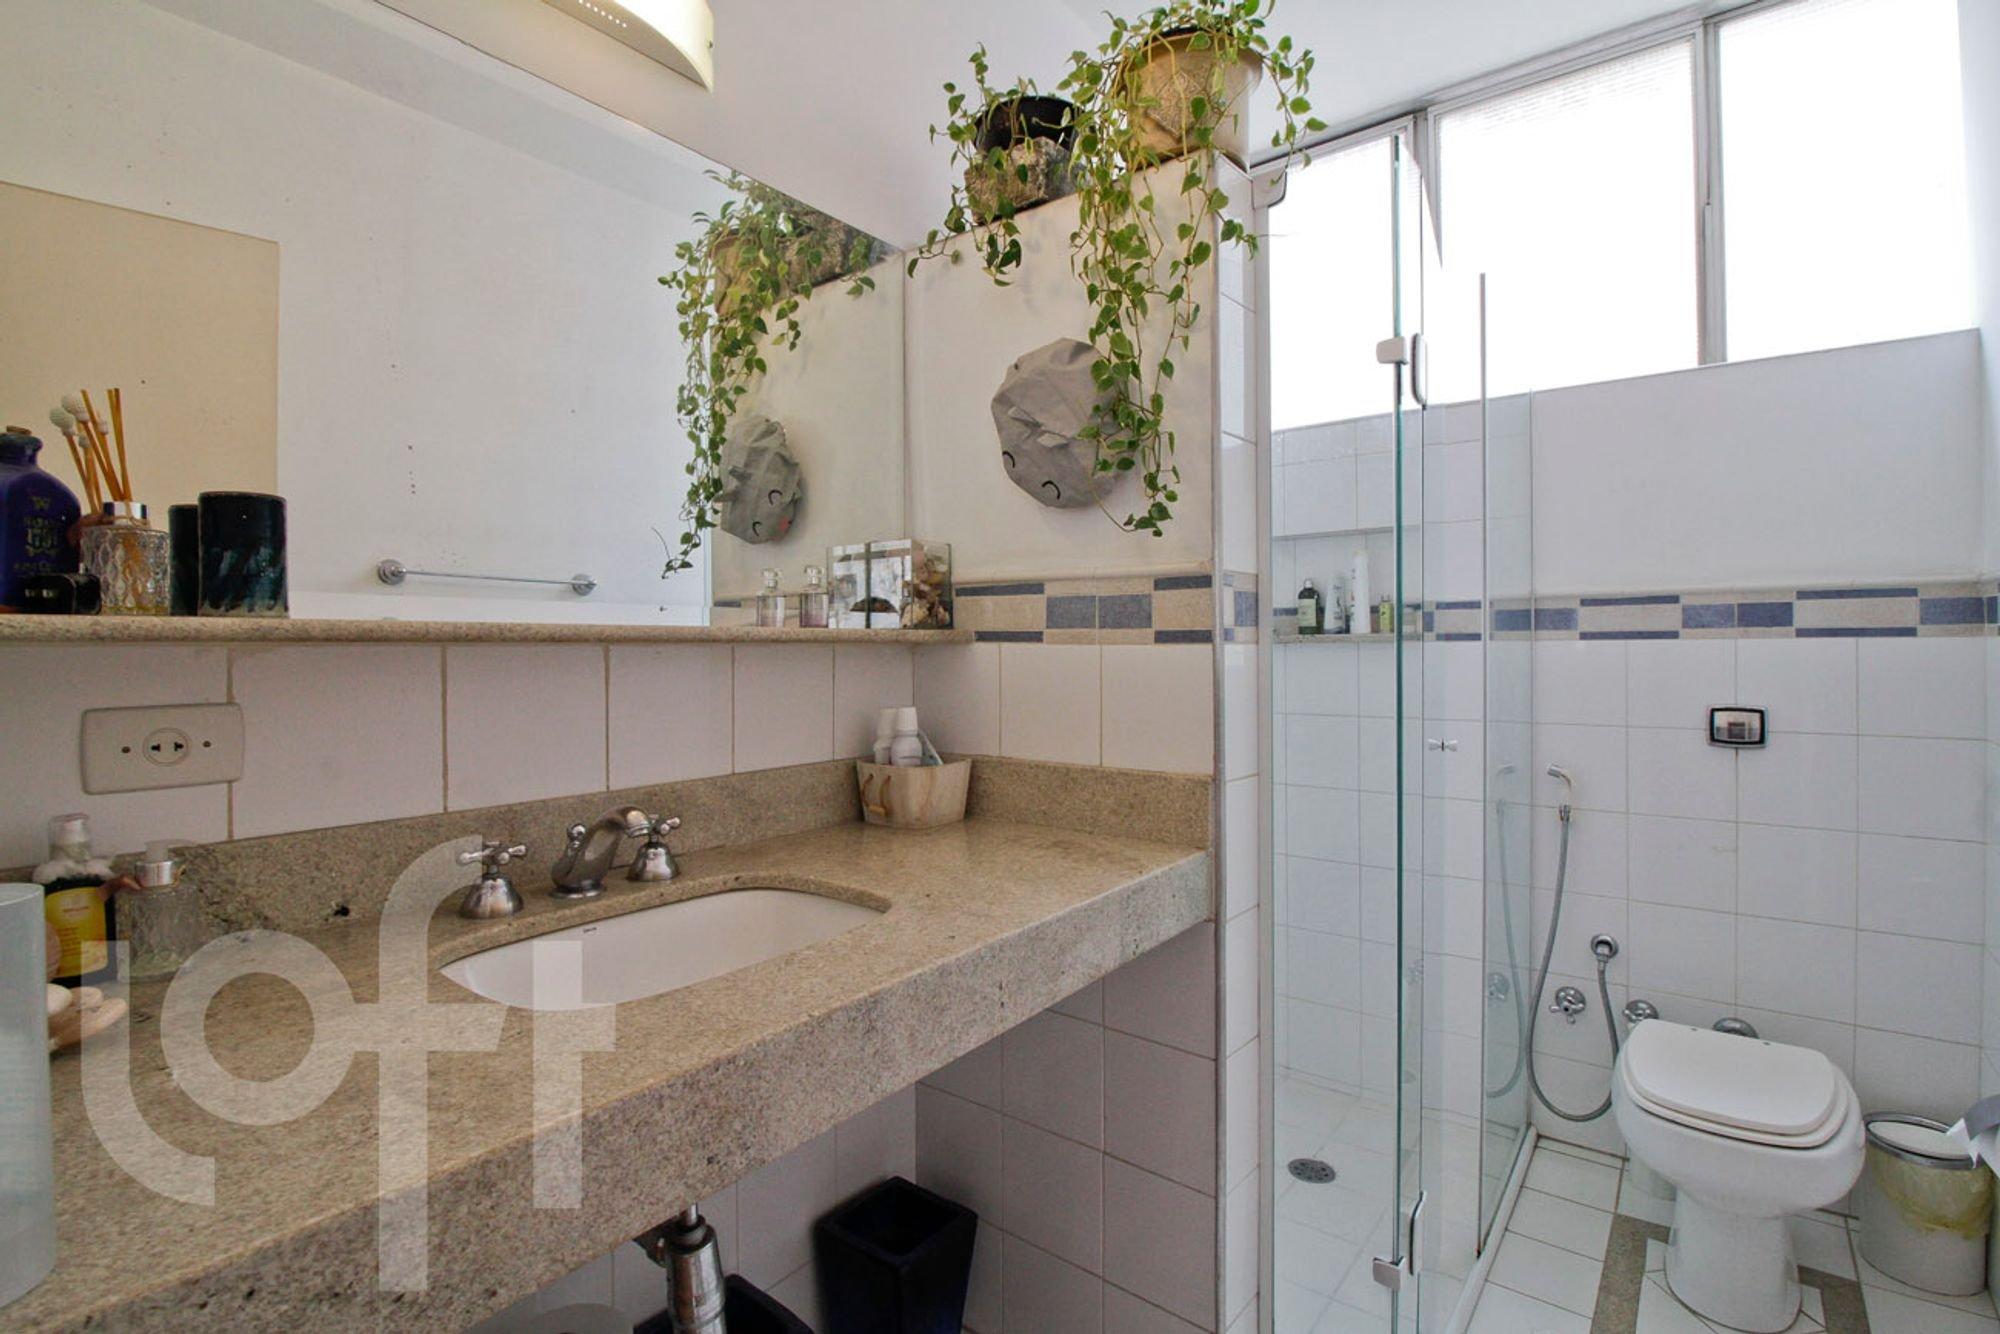 Foto de Banheiro com vaso sanitário, garrafa, pia, xícara